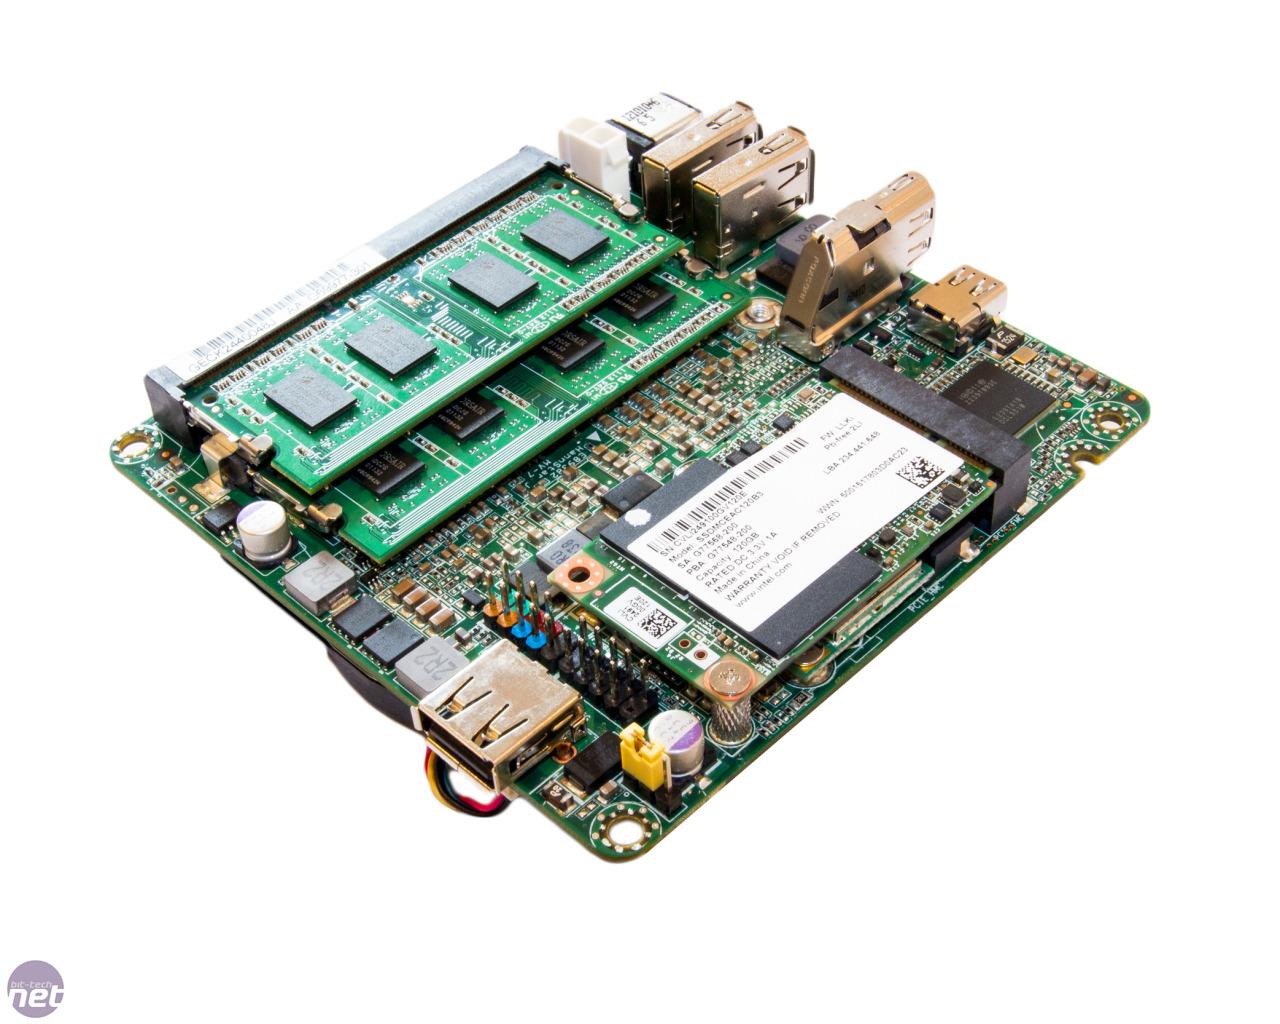 Intel Nuc D33217ck Review Bit Tech Net